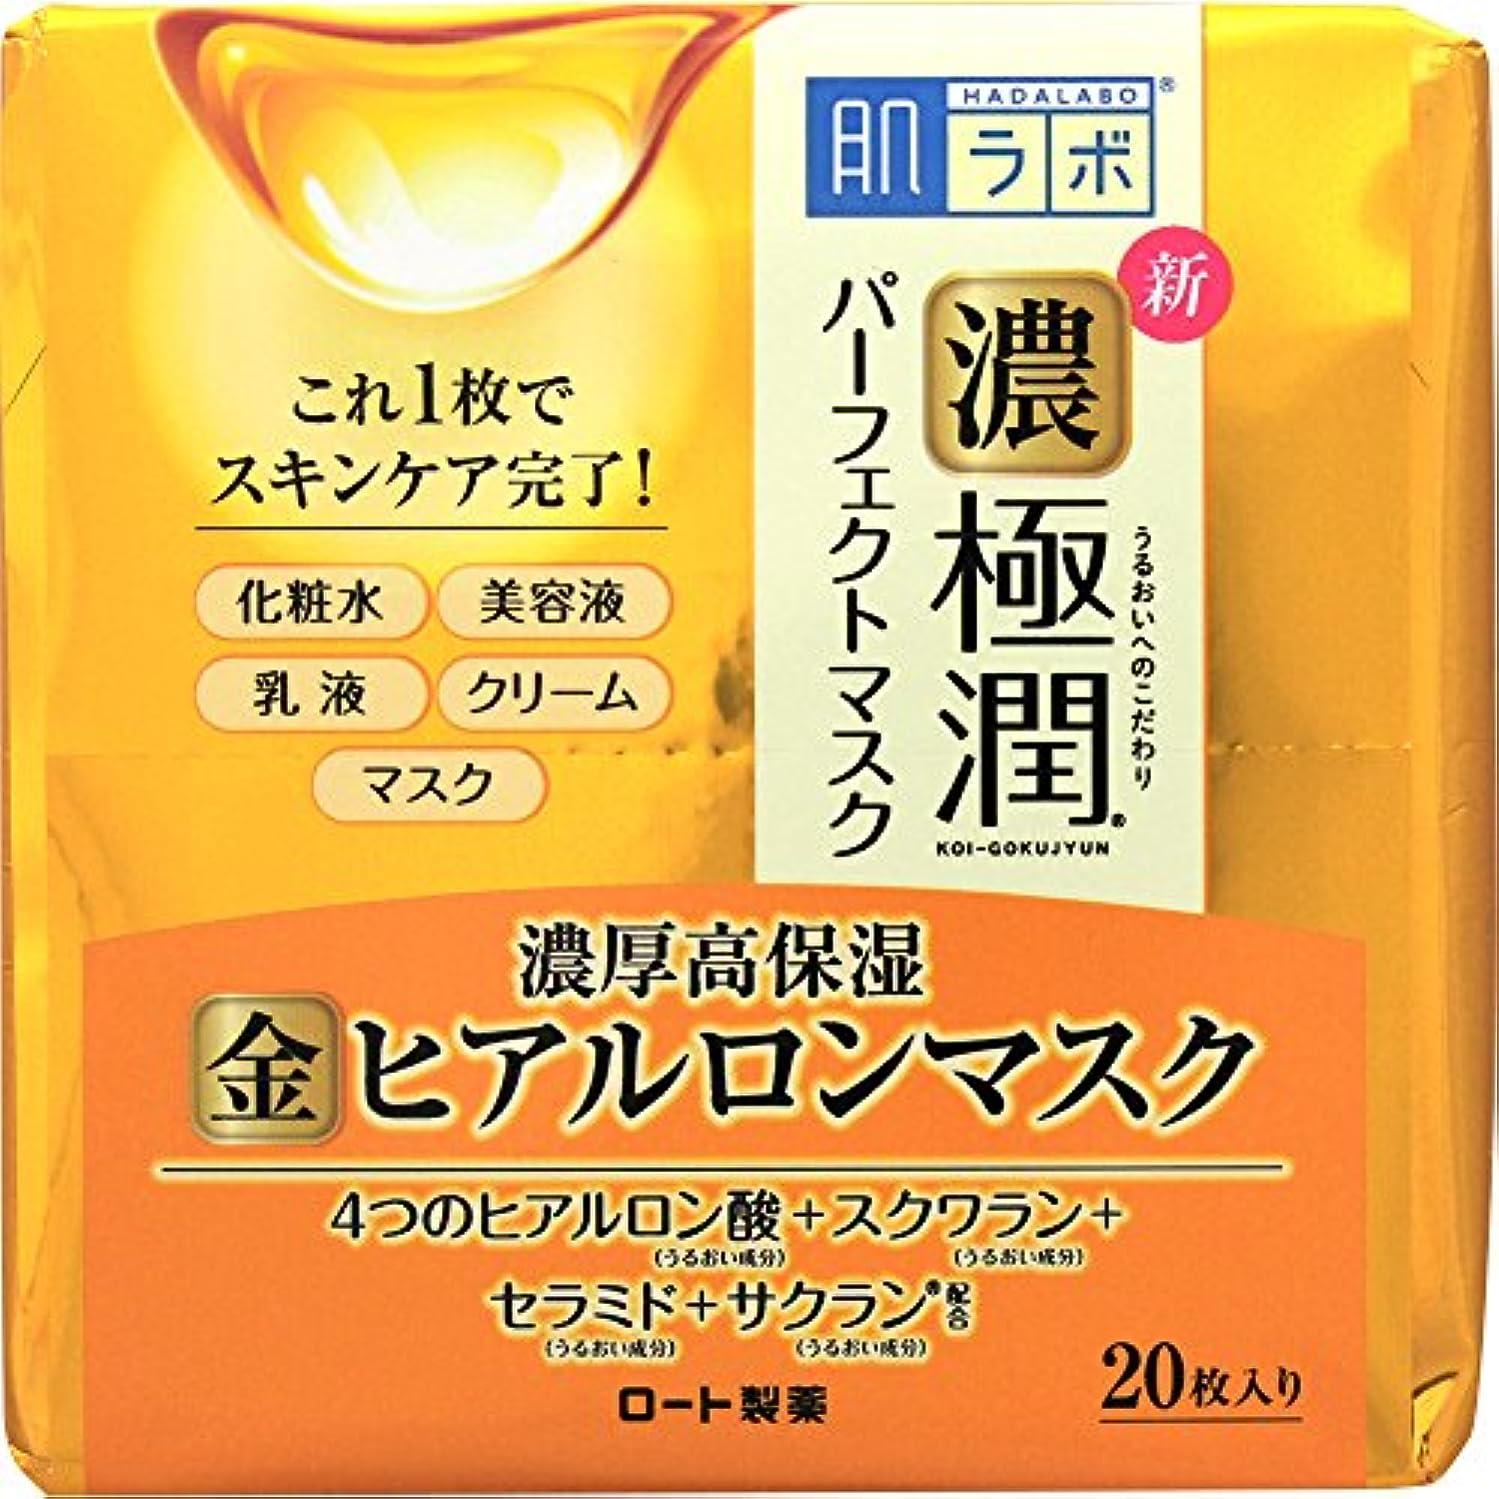 間違いなく会員メロン肌ラボ 濃い極潤 オールインワン パーフェクトマスク 4つのヒアルロン酸×スクワラン×セラミド×サクラン配合 20枚